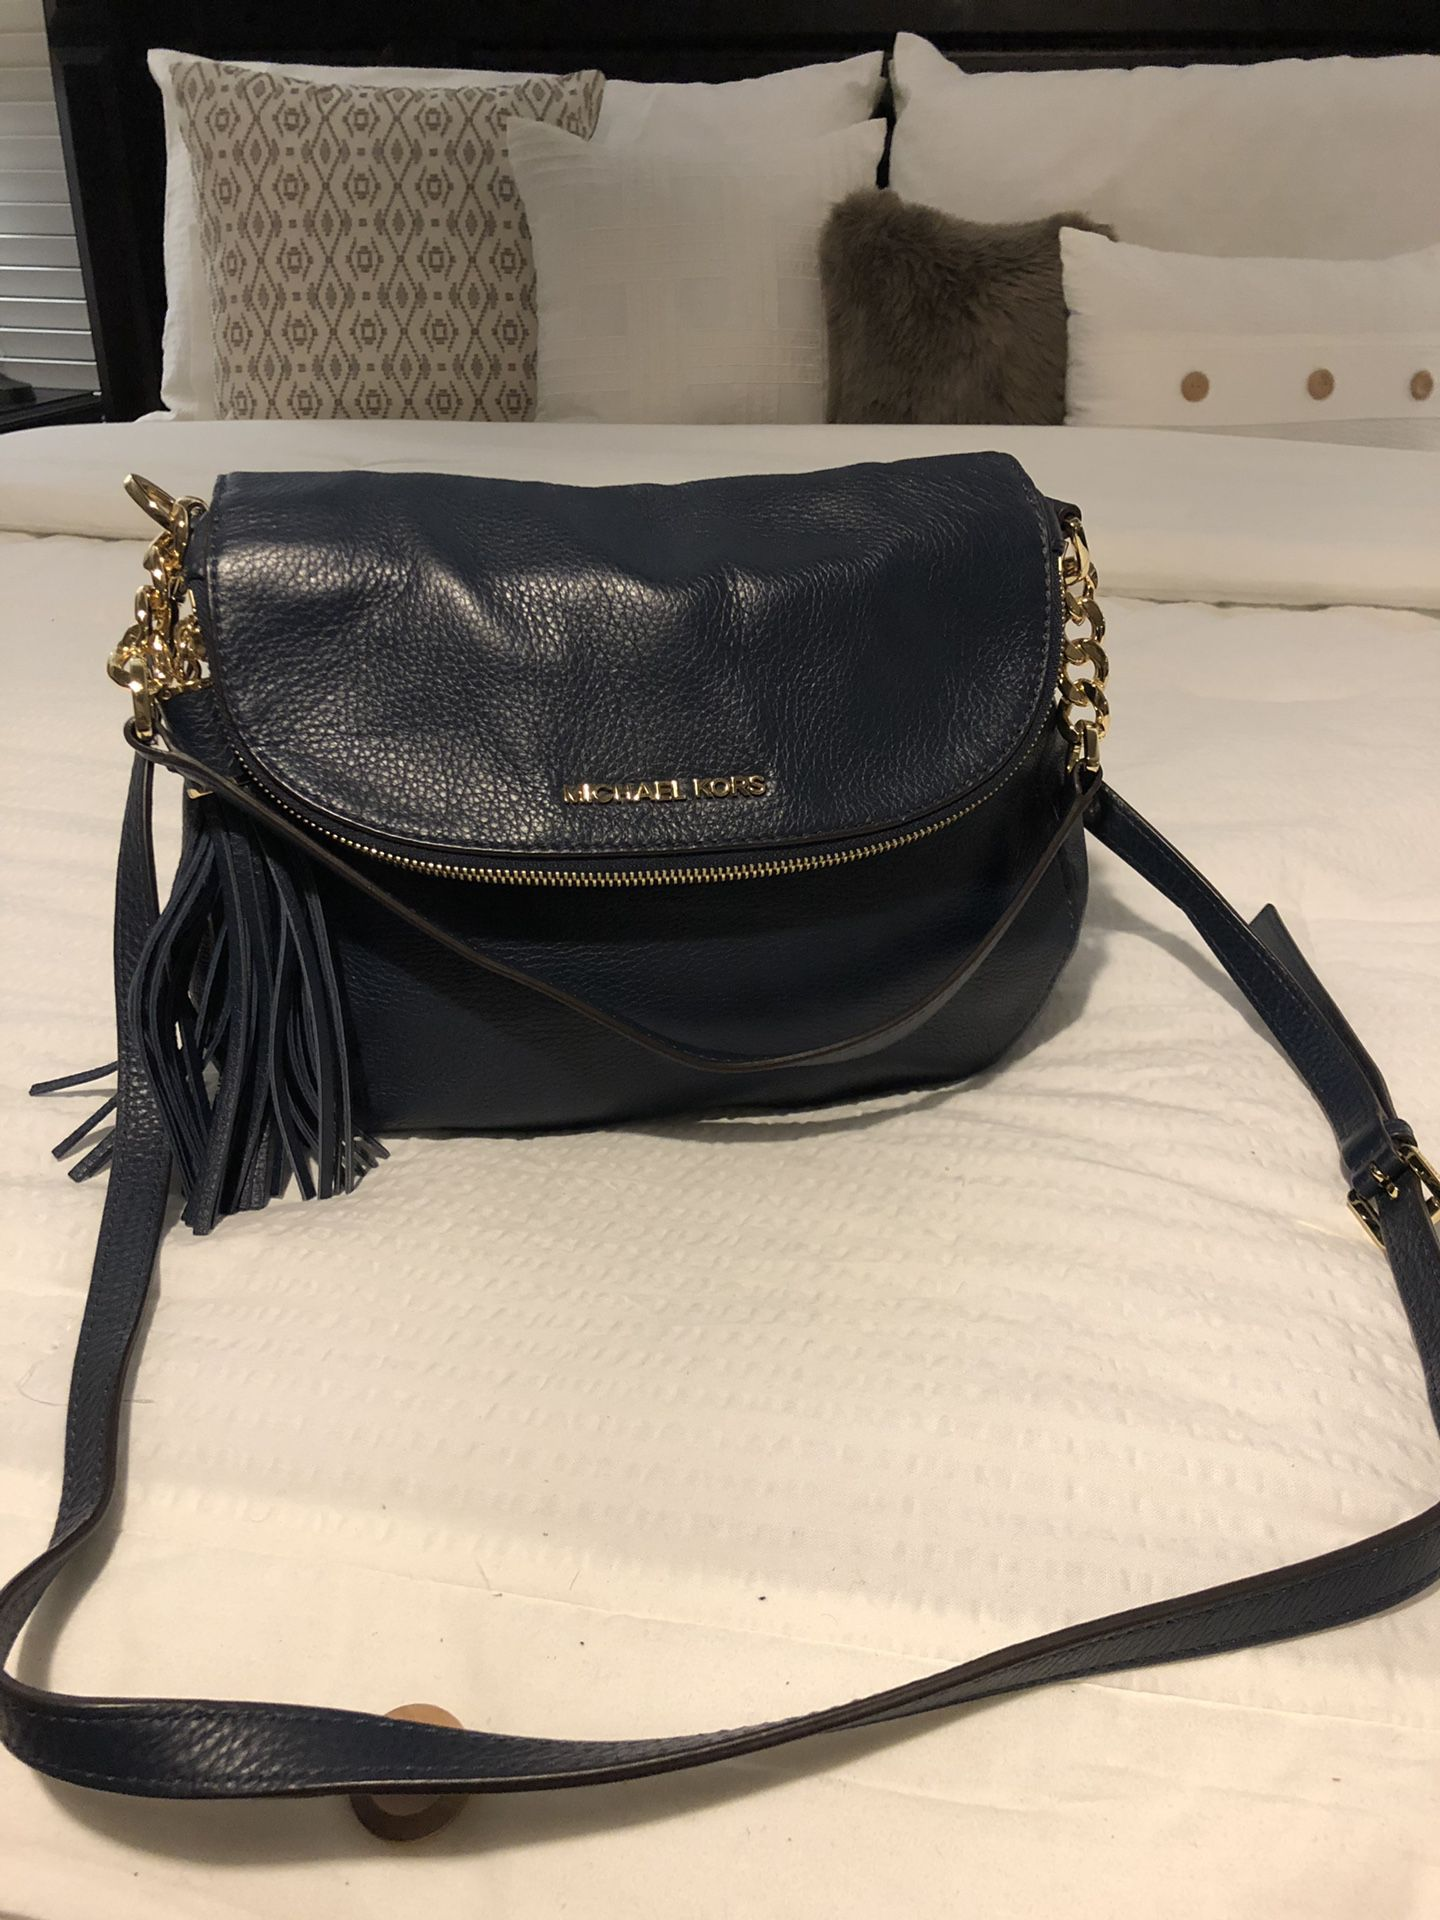 Brand New Michael Kors bag in NAVY BLUE